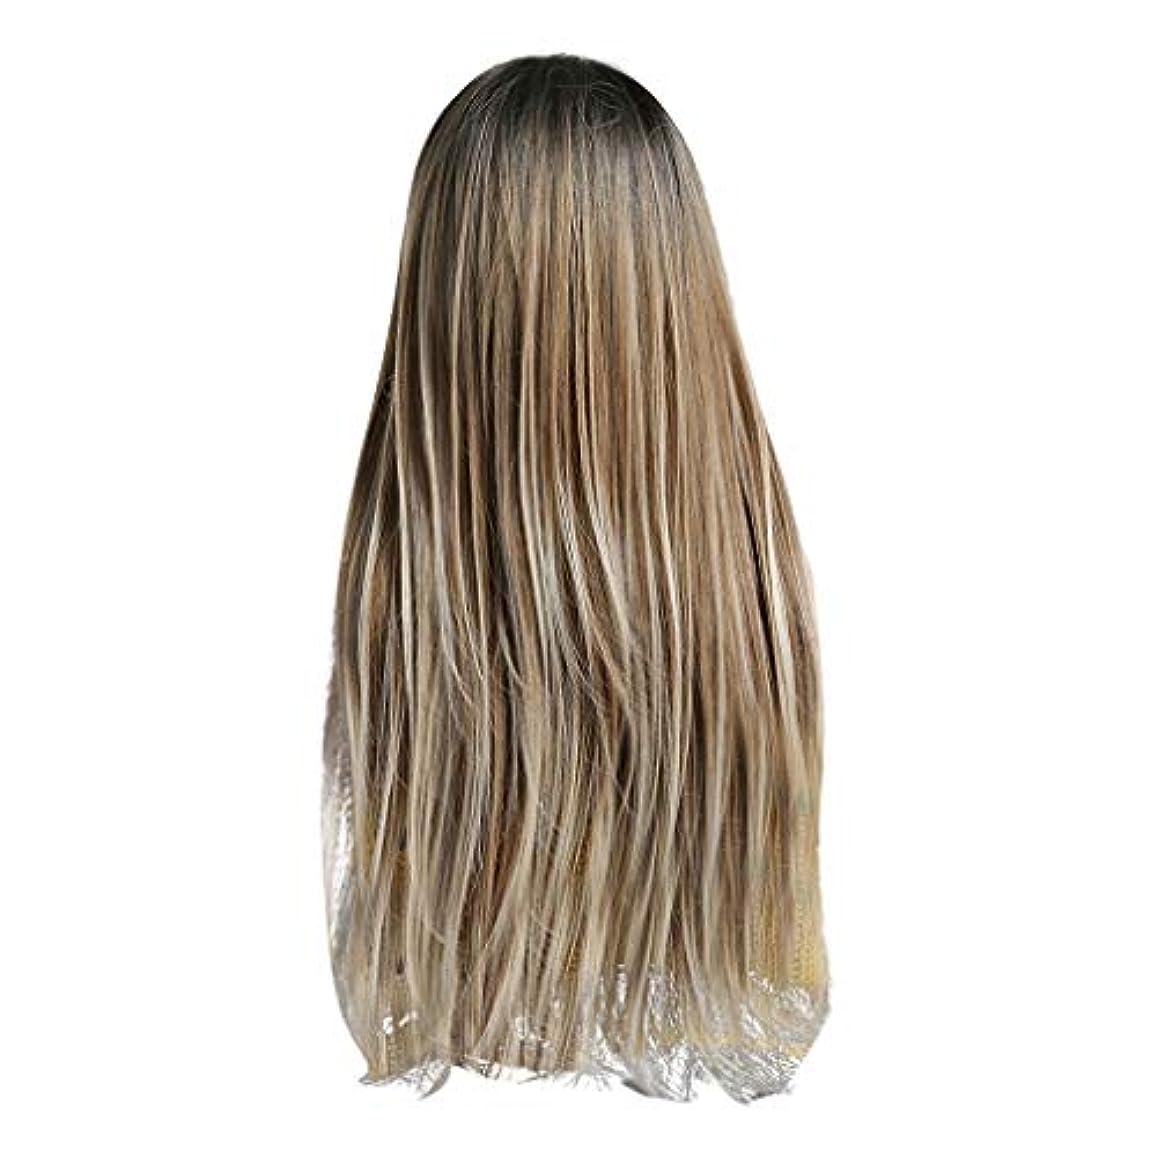 見捨てられた警戒パレードLazayyii かつら女性自然な3色 グラデーション化学繊維毛髪 (A)